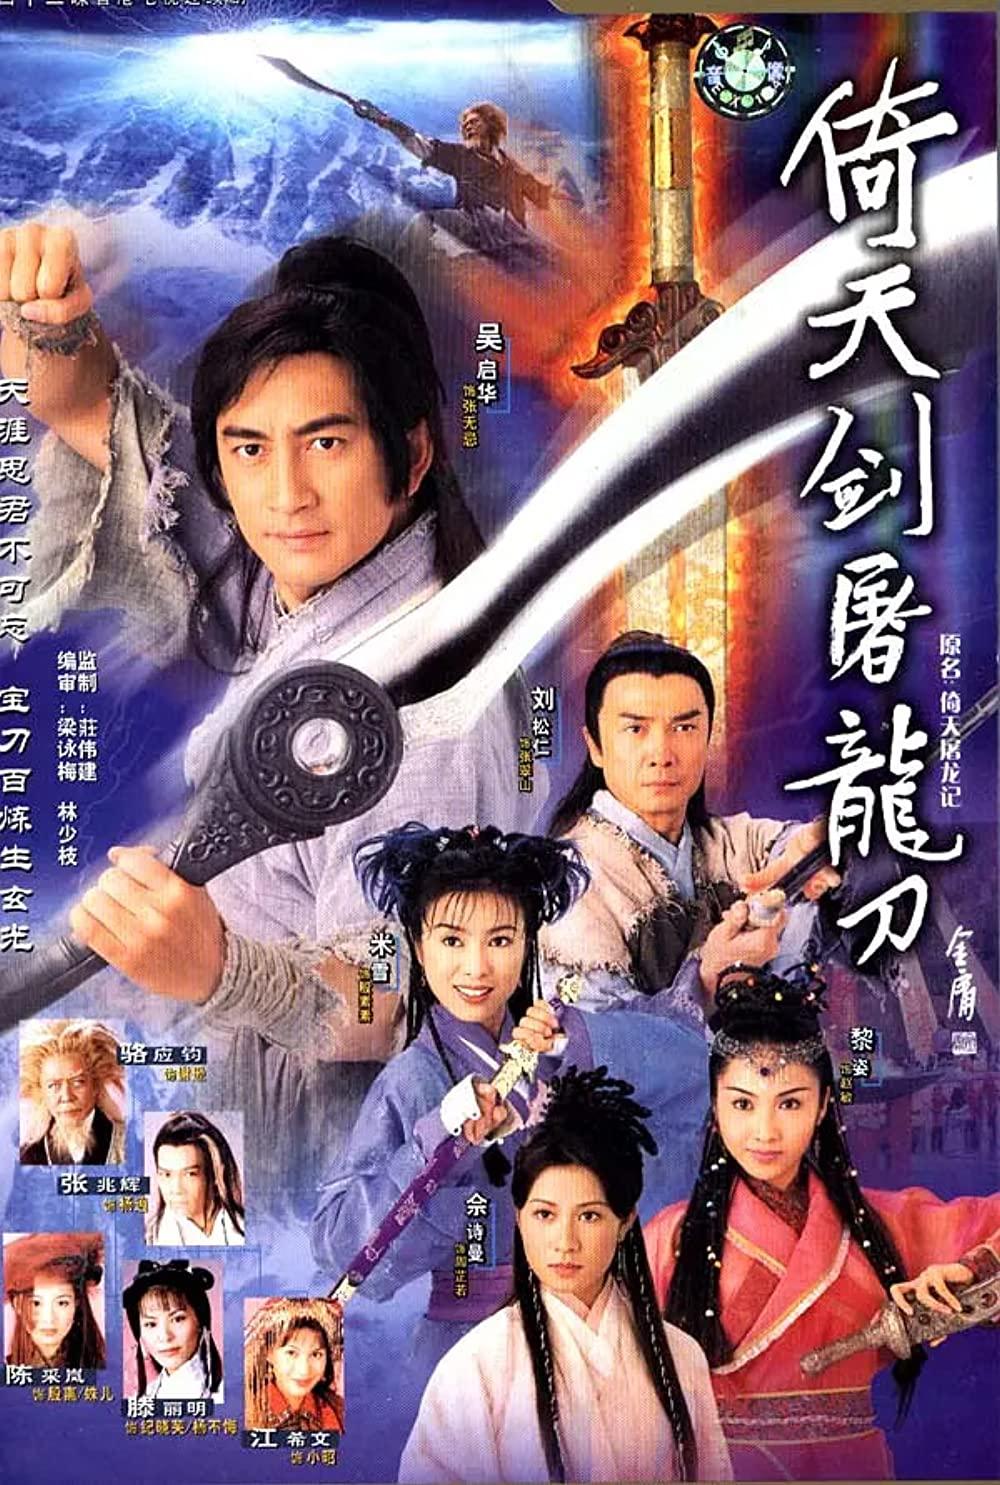 Ỷ Thiên Đồ Long ký - The Heavenly Sword and Dragon Saber (2001)